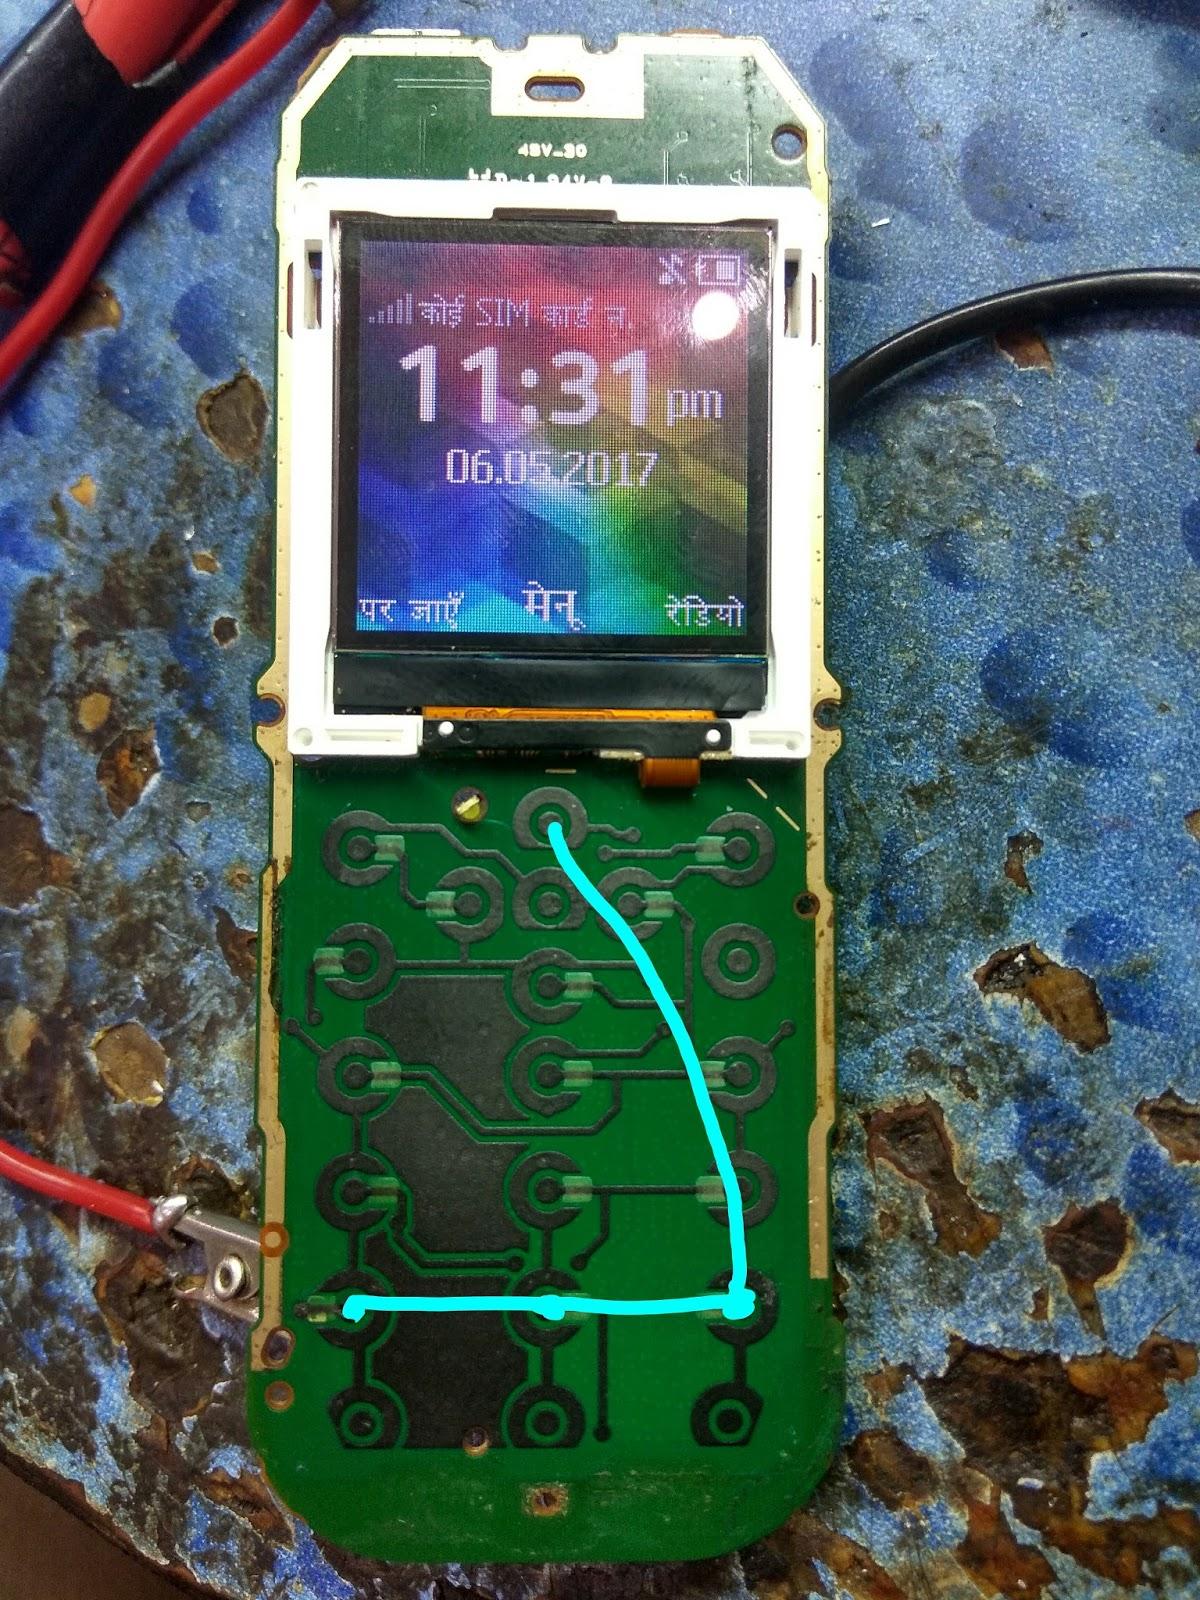 Mashup Everything  Nokia 105  1134  Keypad 7 8 9 Not Working